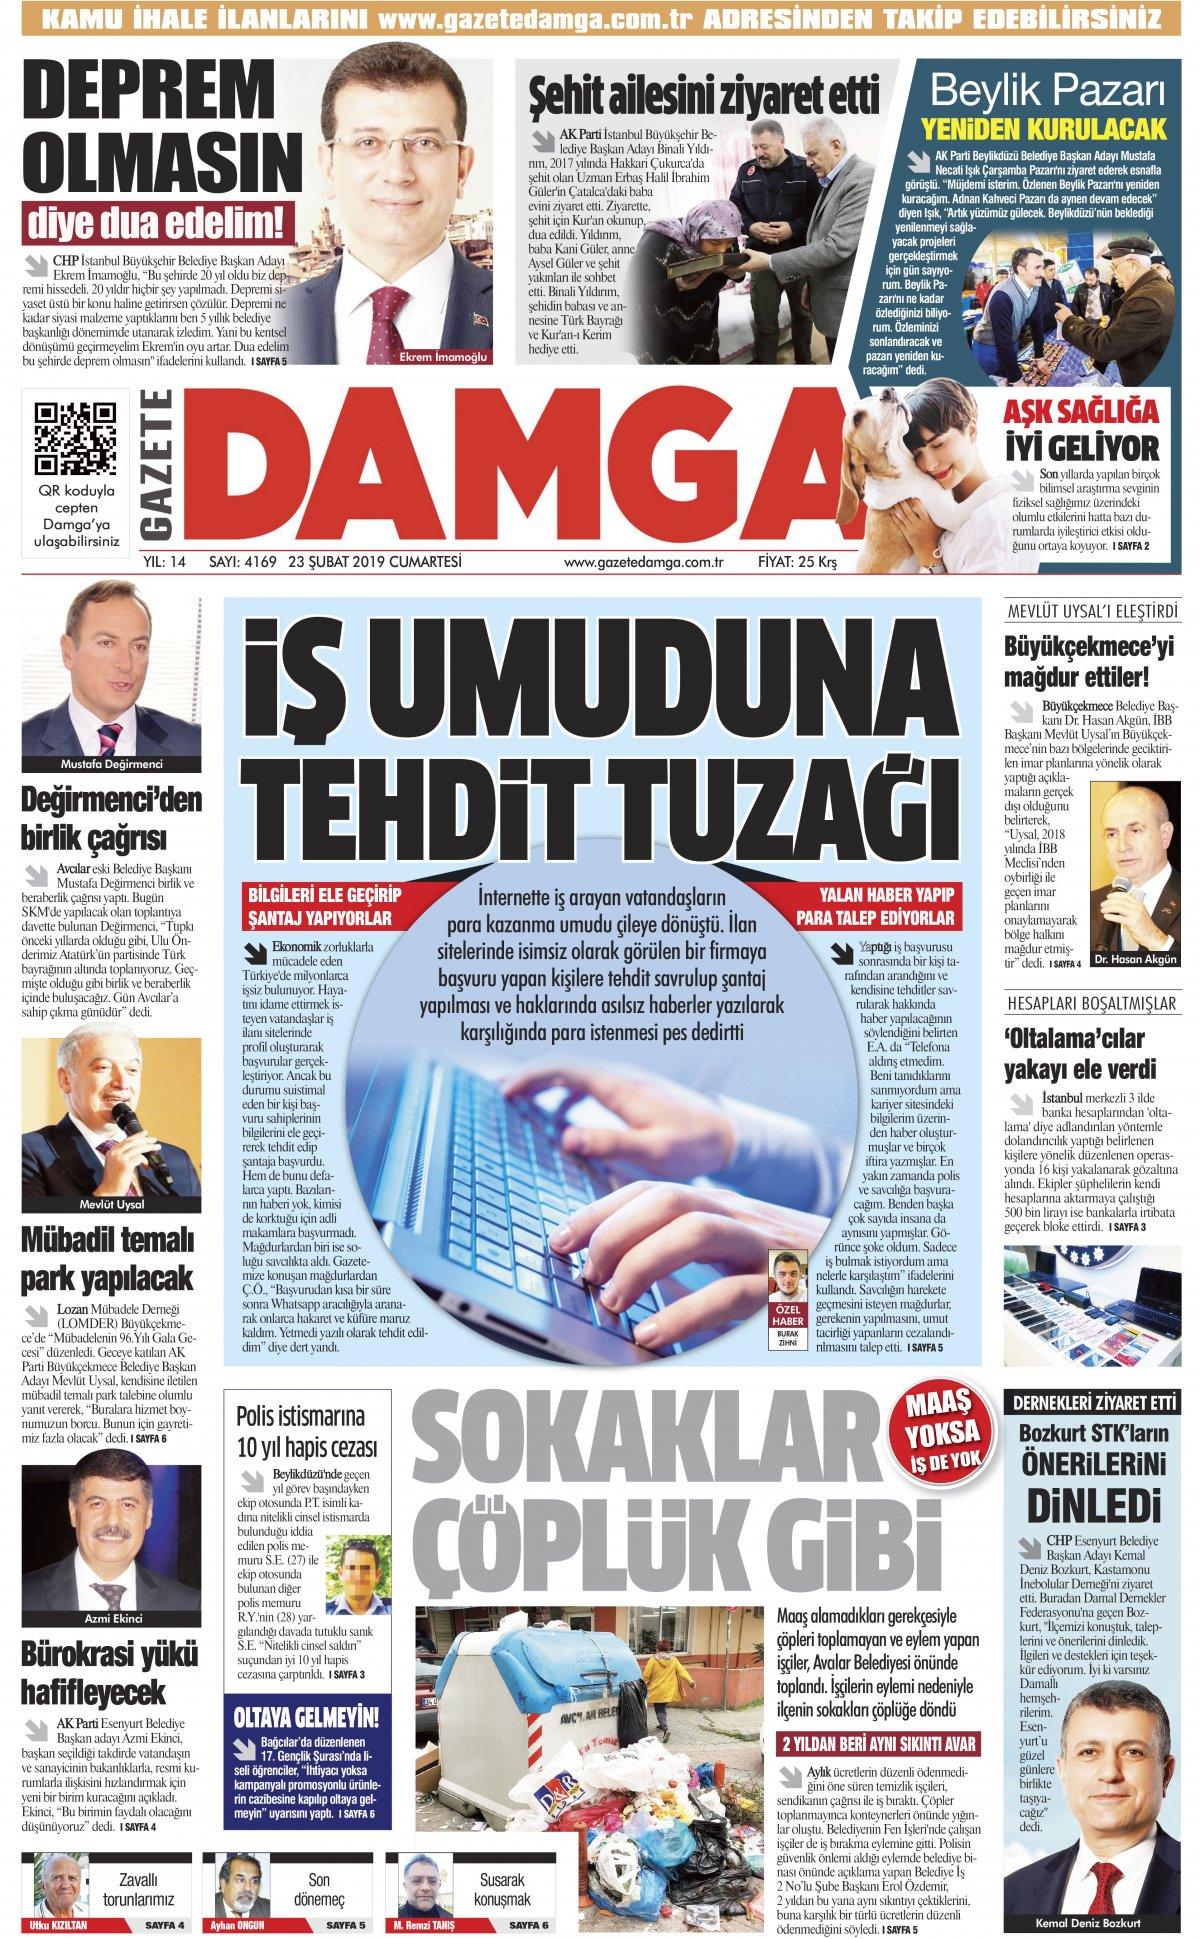 Gazete Damga - 23.02.2019 Sayfaları